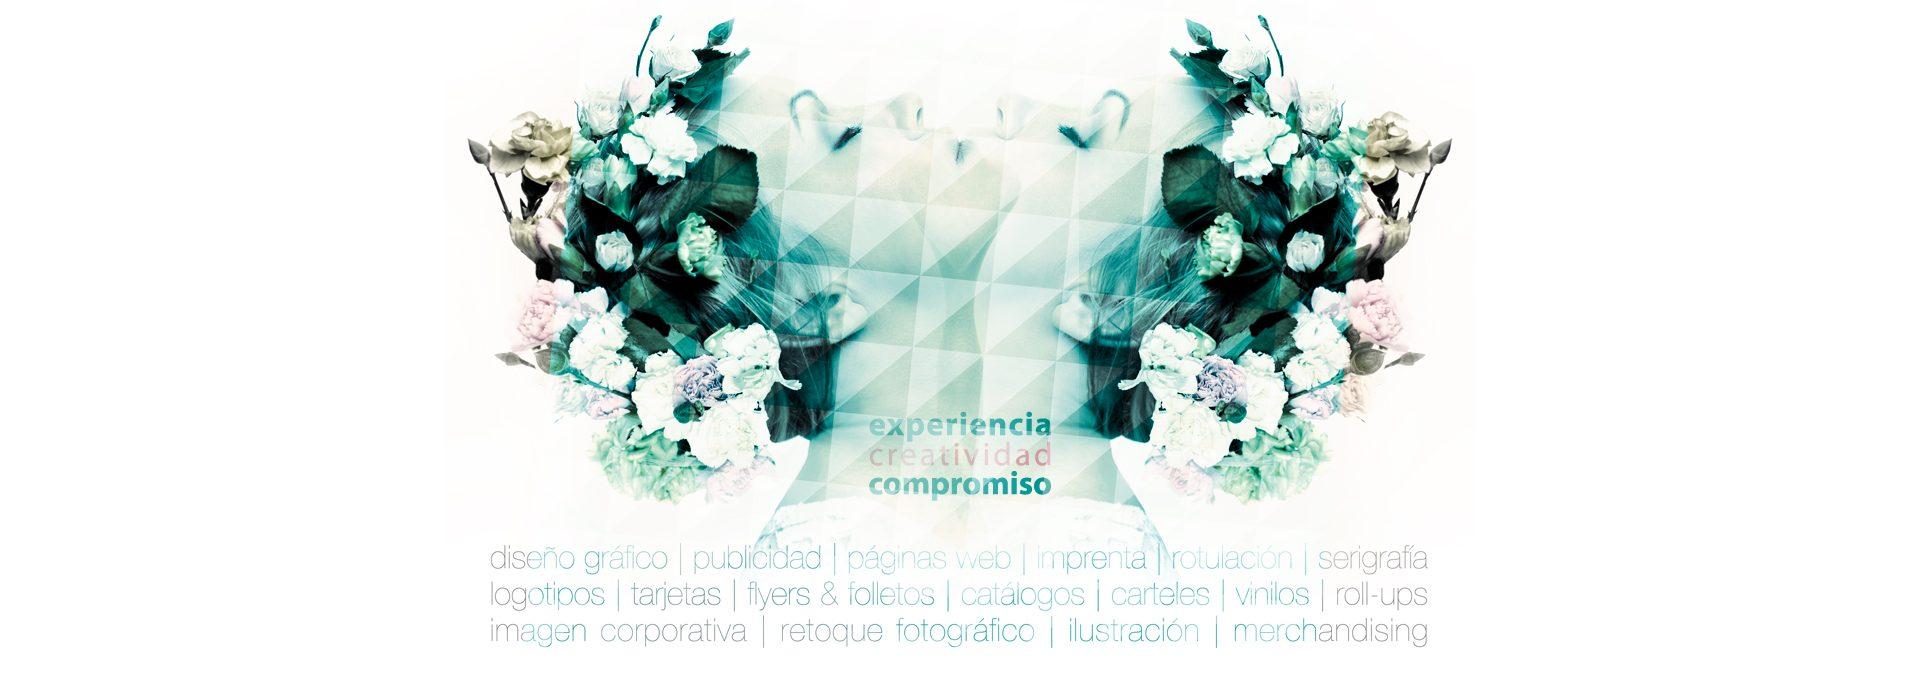 Slogan Estudio | Diseño Gráfico y Publicidad